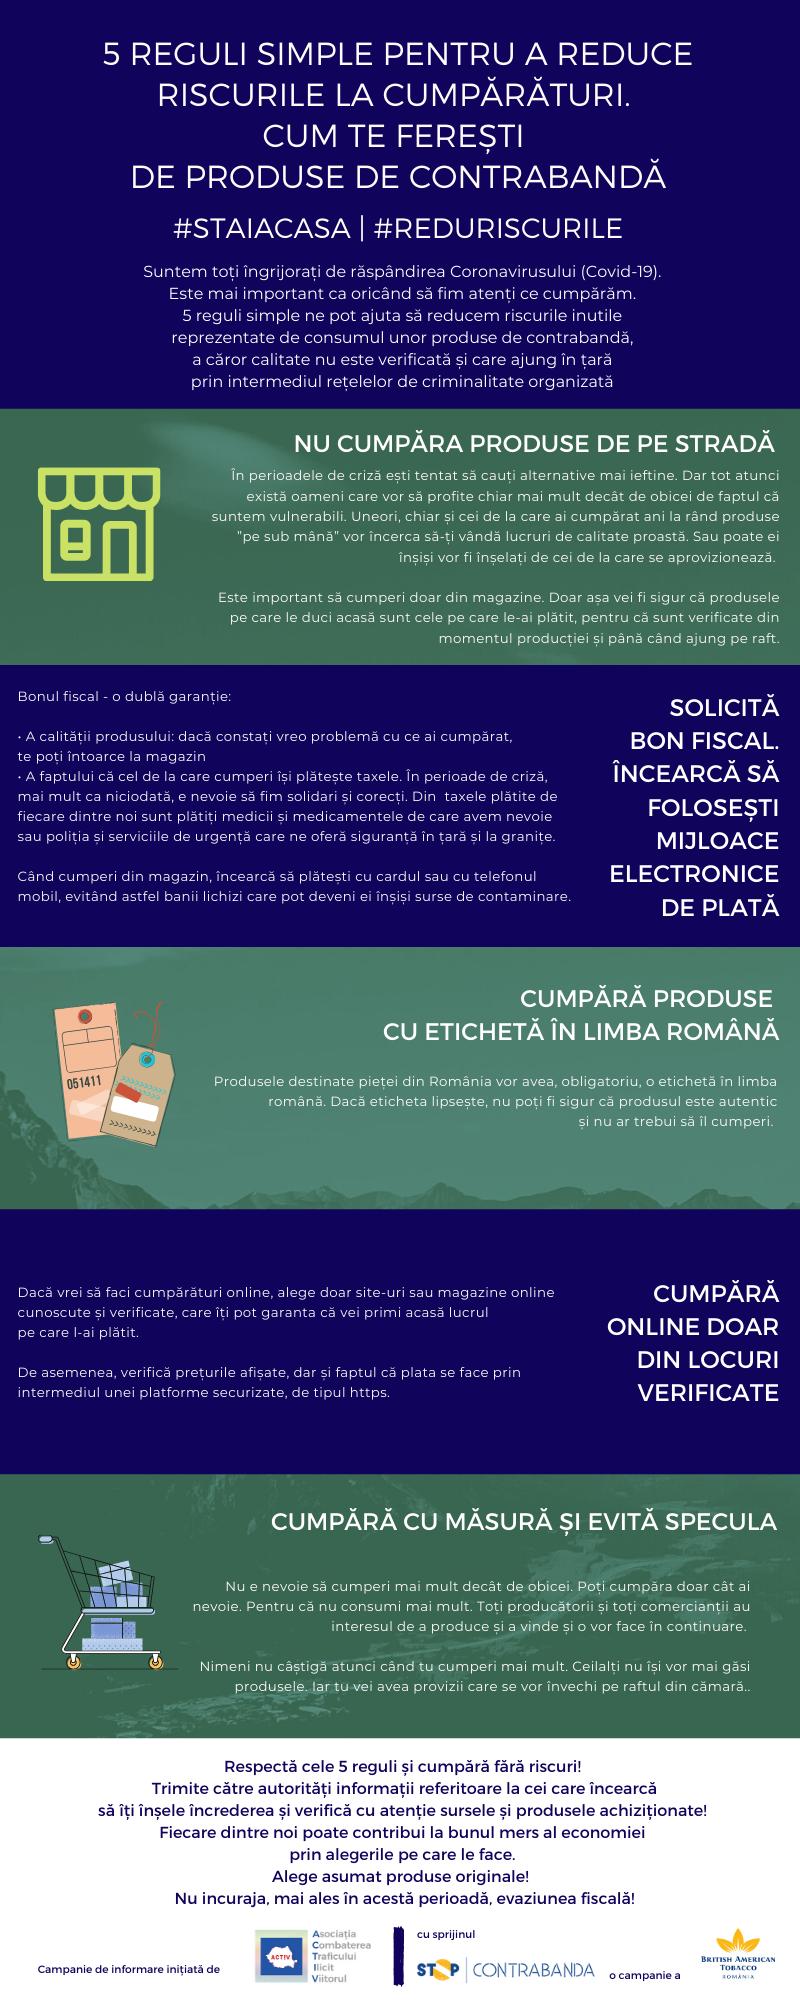 5 reguli simple pentru a reduce riscurile la cumpărături. Cum să te ferești de produsele de contrabandă